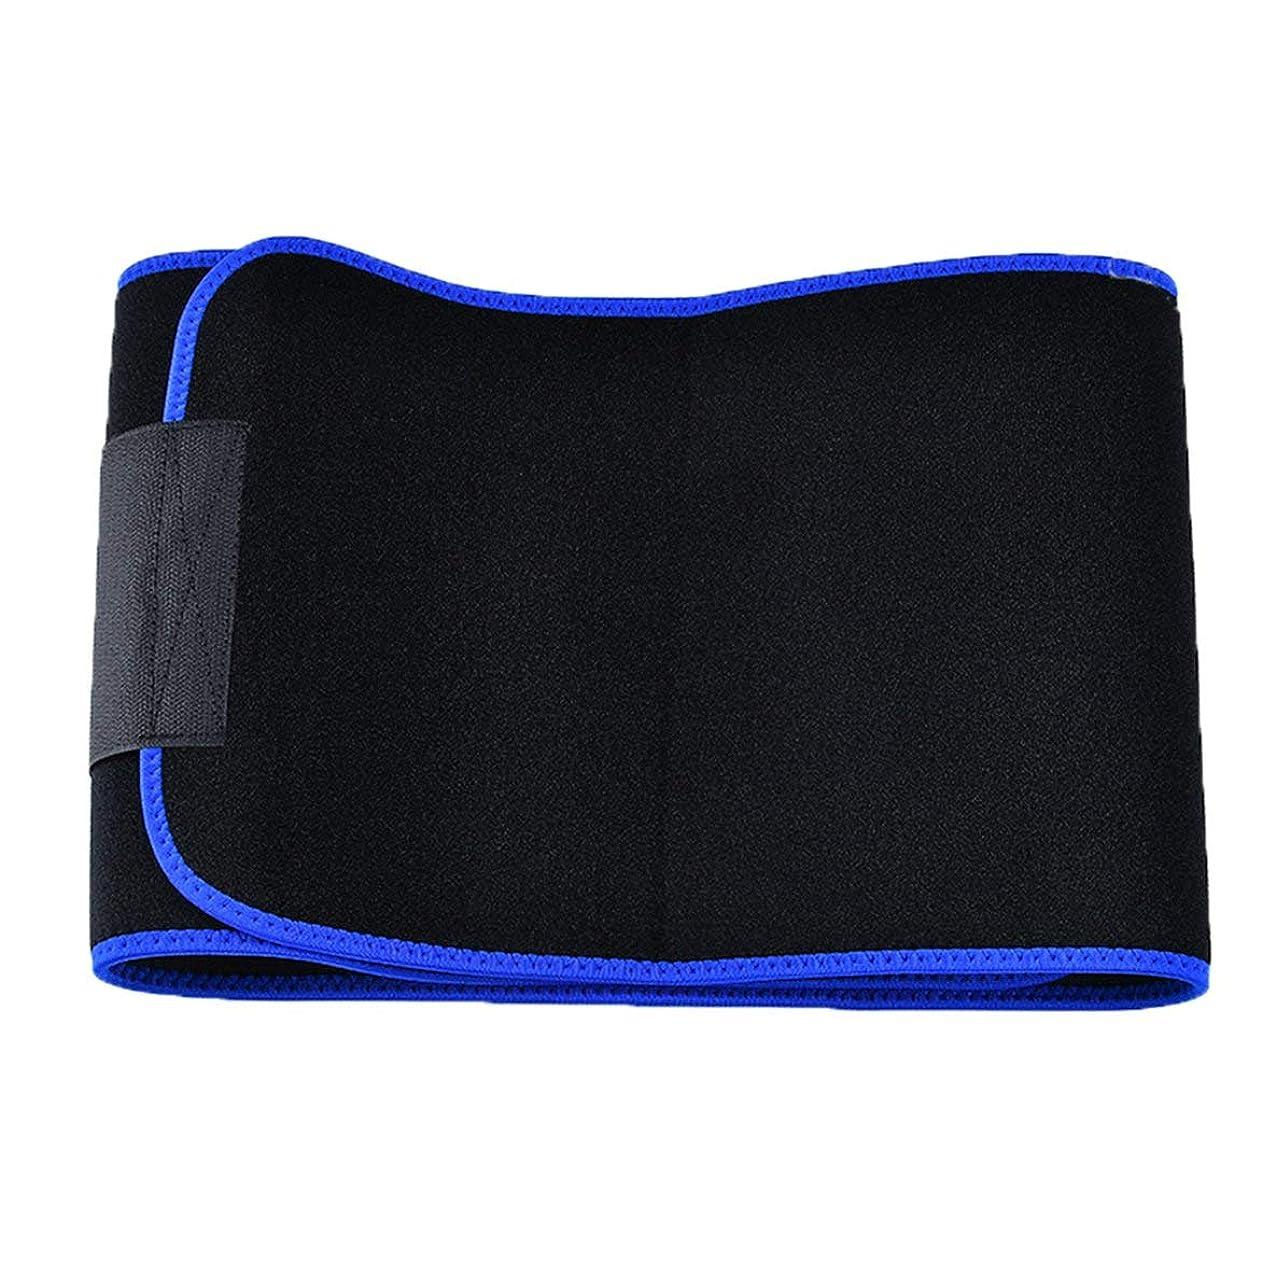 日食アライメント静けさ腹部プラスチックベルトウエストサポートボディシェイパートレーニングコルセット痩身ウエストベルトスリム汗スポーツ保護具